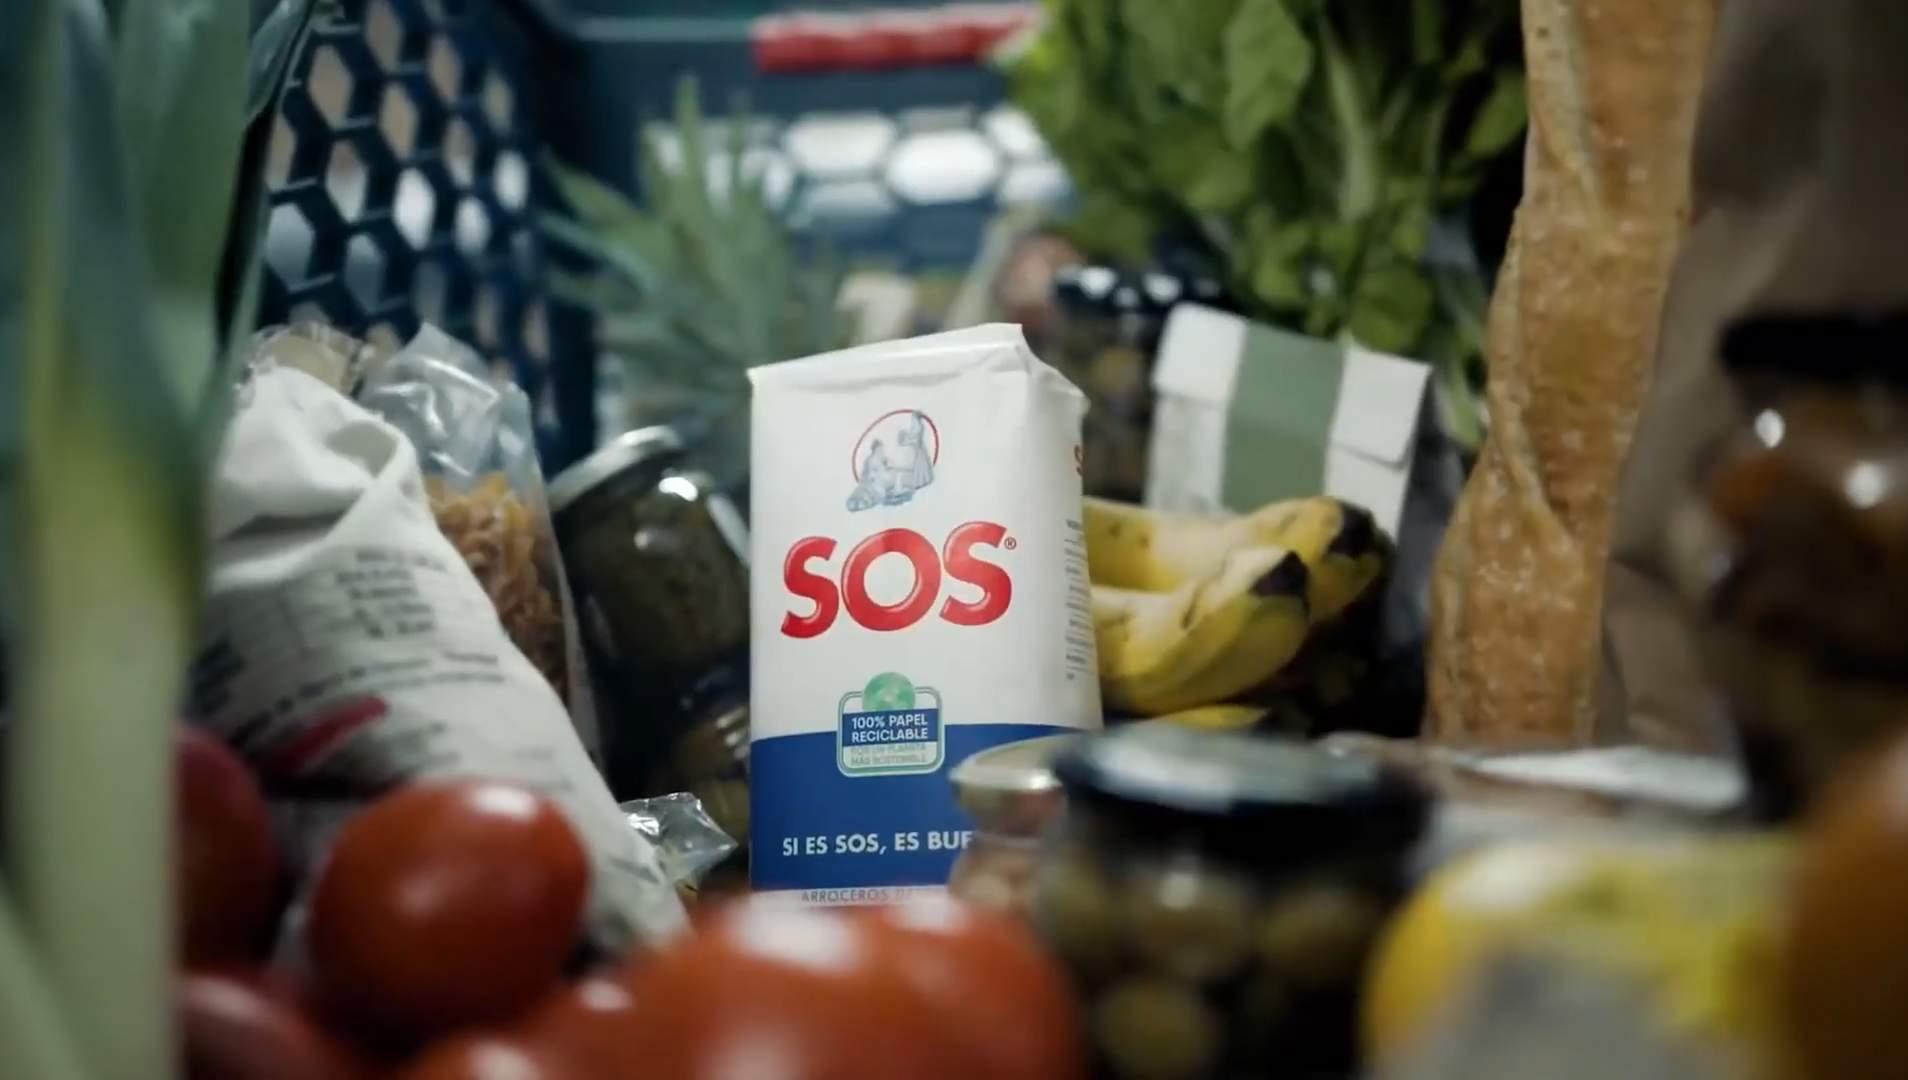 Las cosas del arroz de SOS